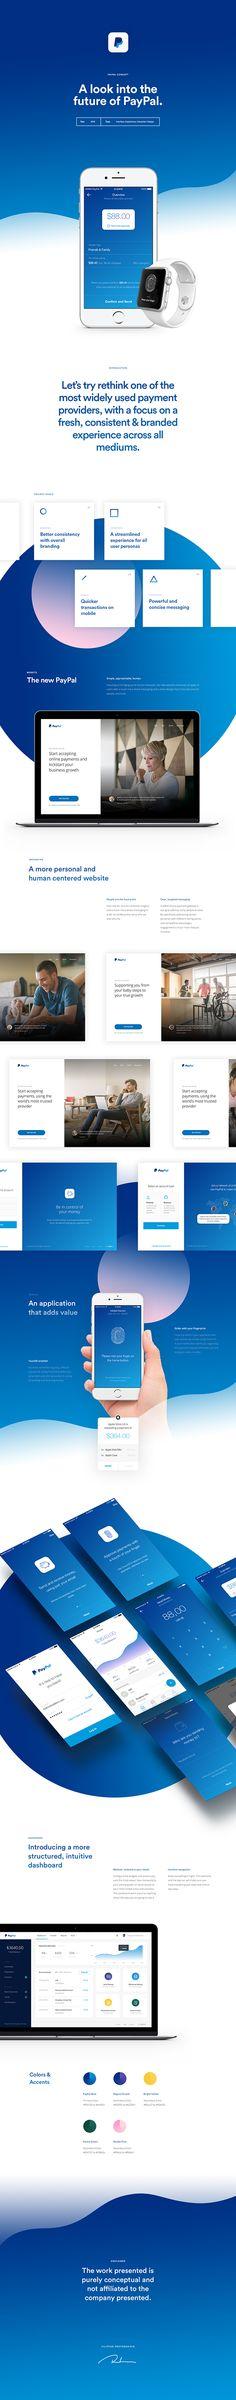 UI Design: PayPal Concept Design   Abduzeedo